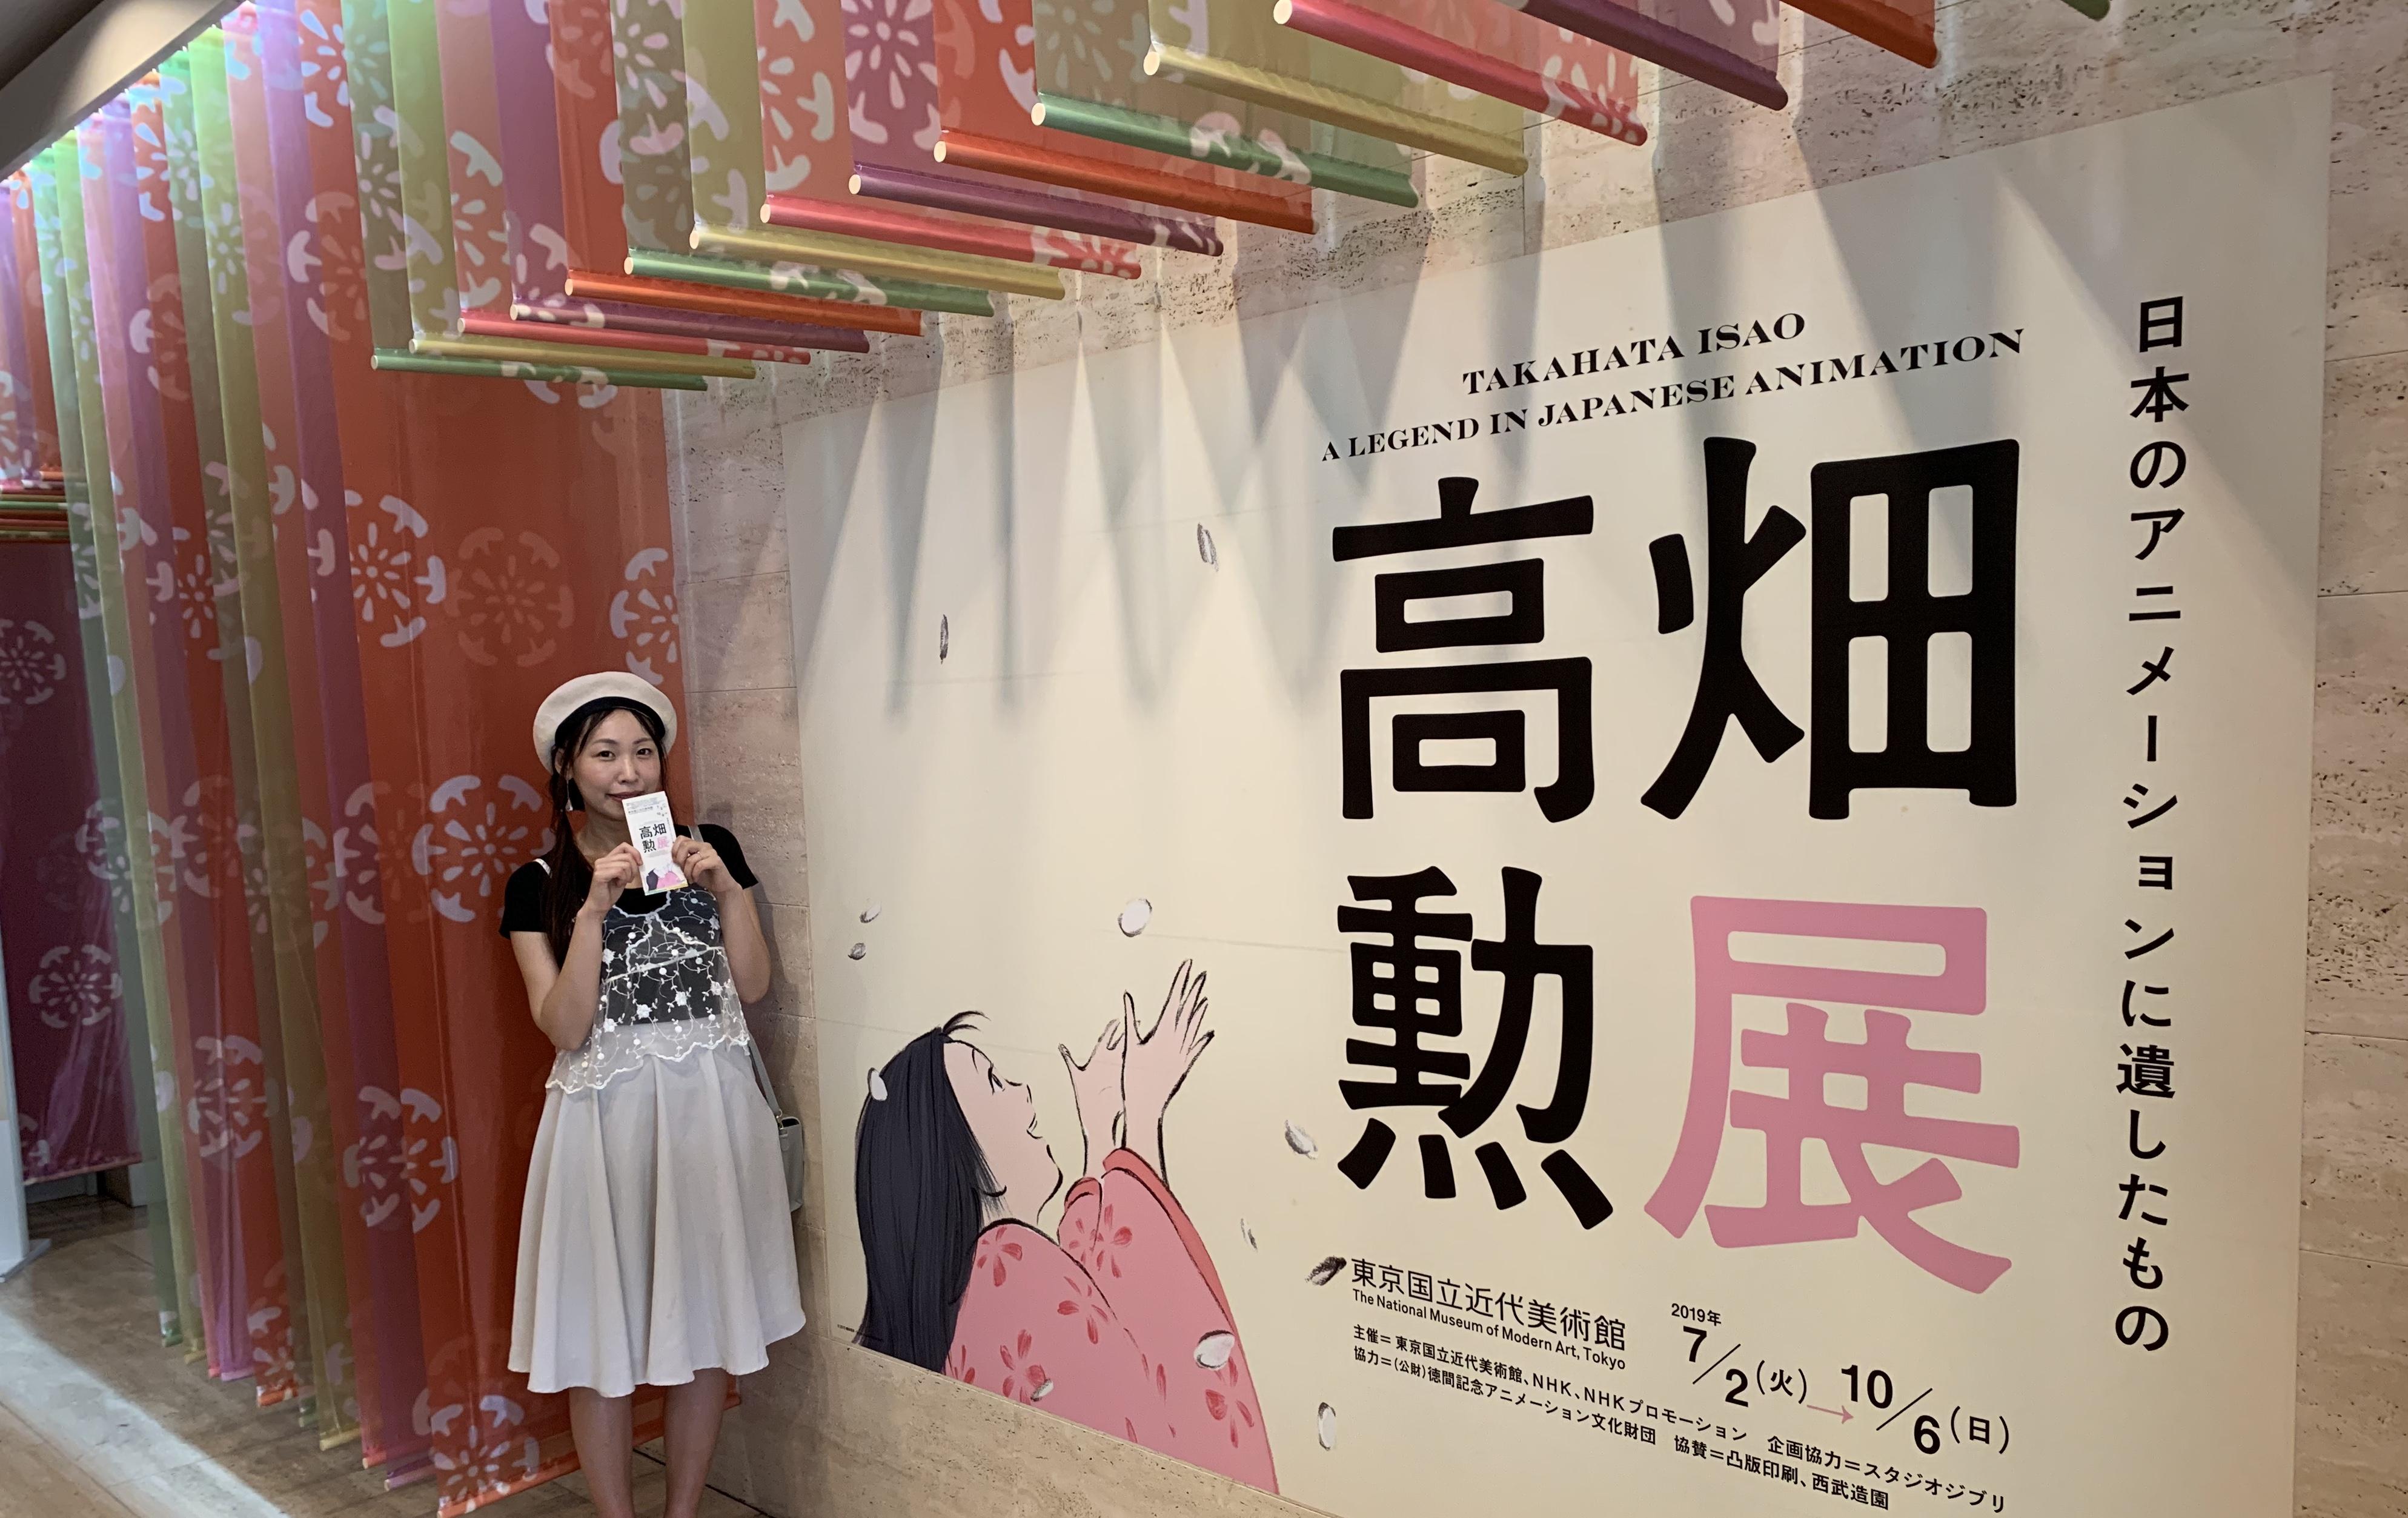 高畑勲展で日本アニメーションの歴史に触れて!